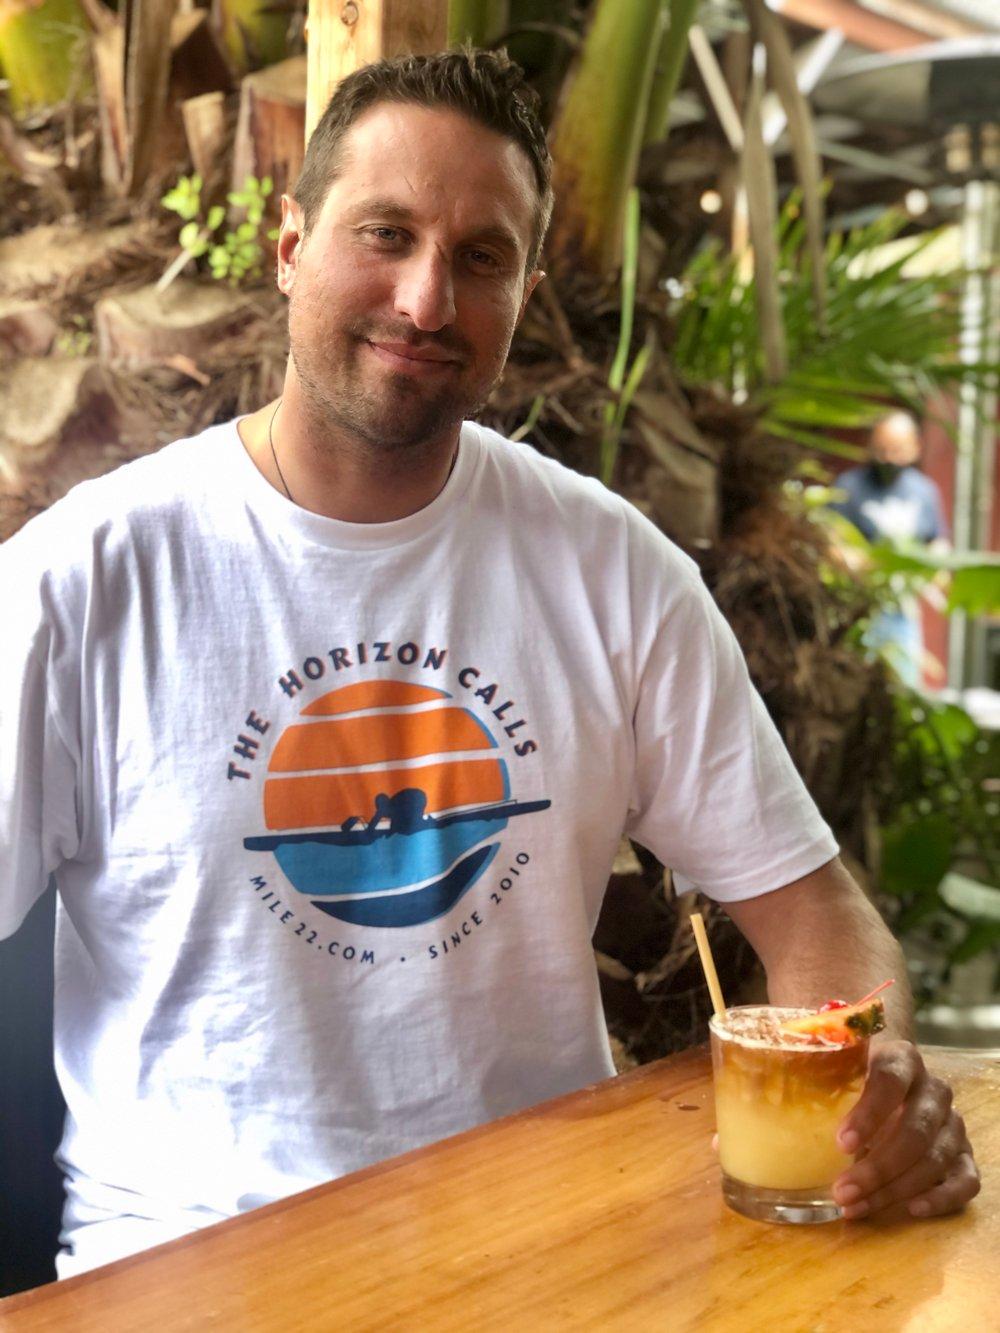 Image of Horizon T-shirt